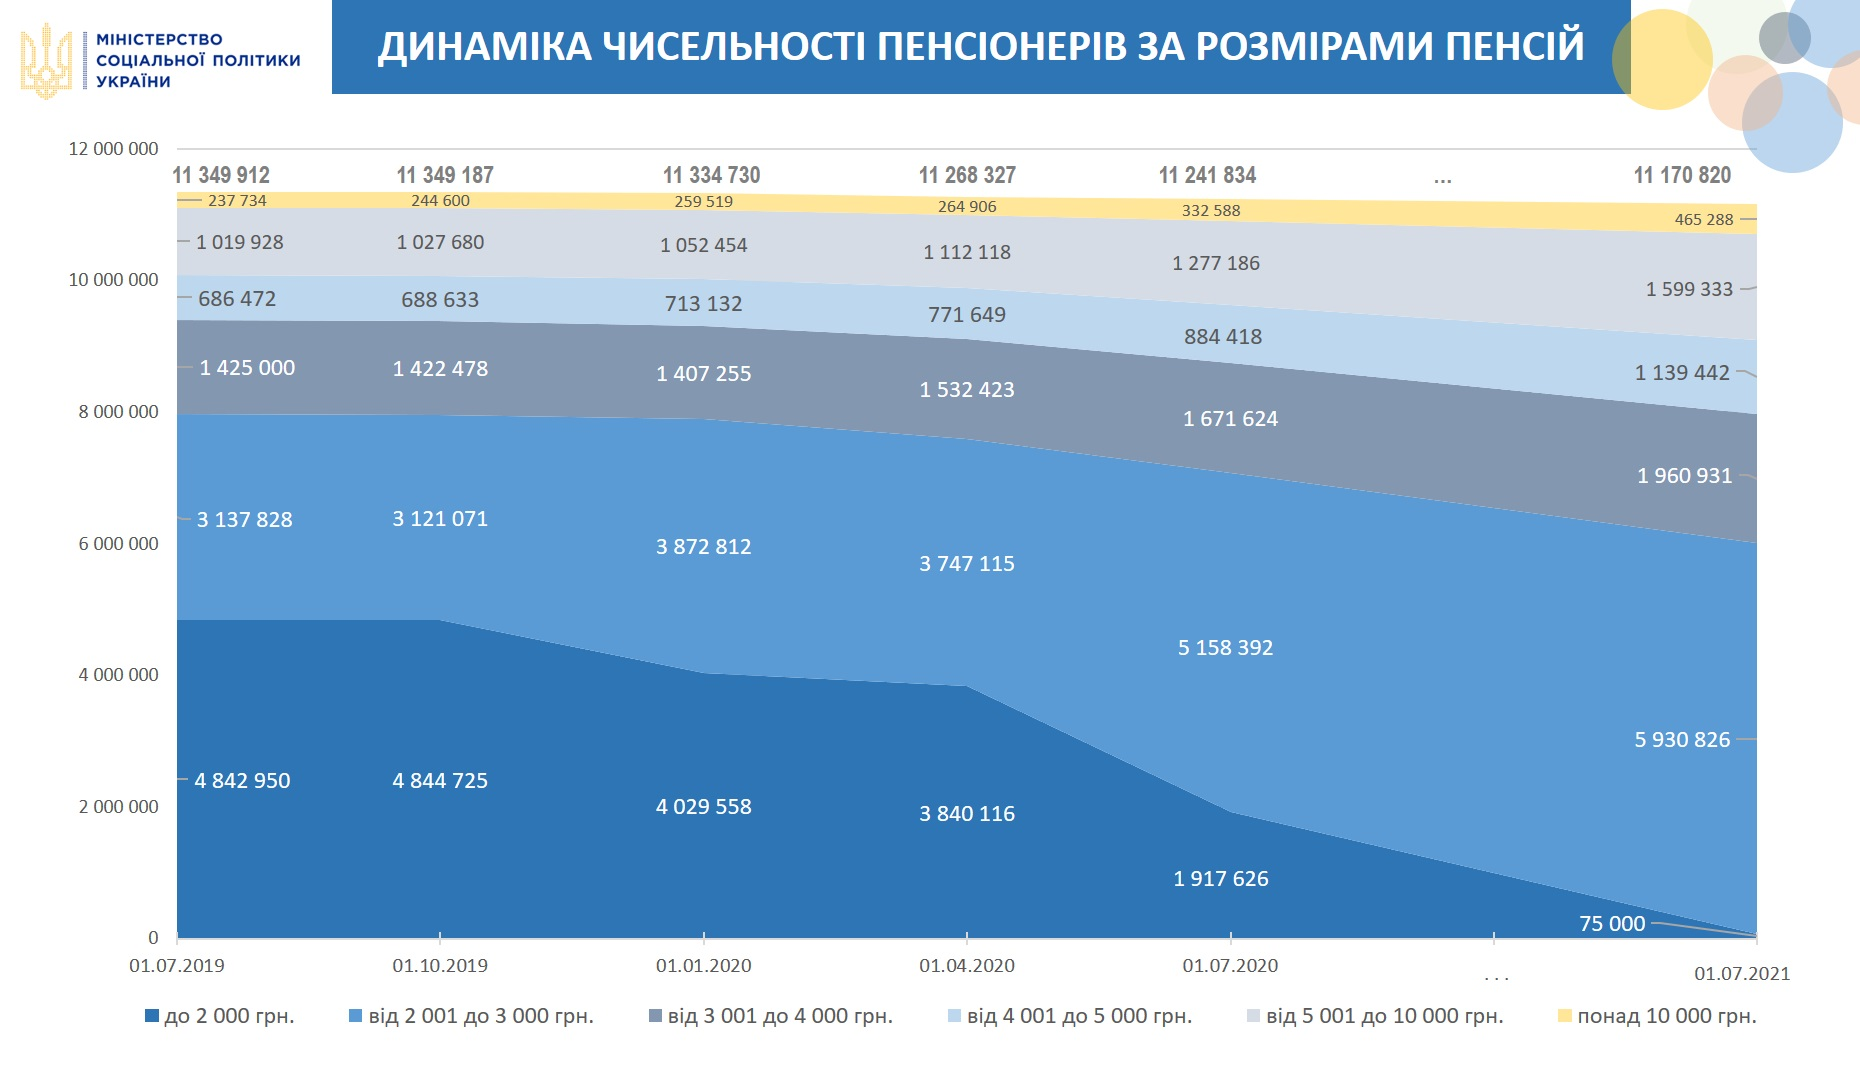 Що чекає на пенсіонерів у 2021 році - пенсіонери, пенсії - minsots grafik